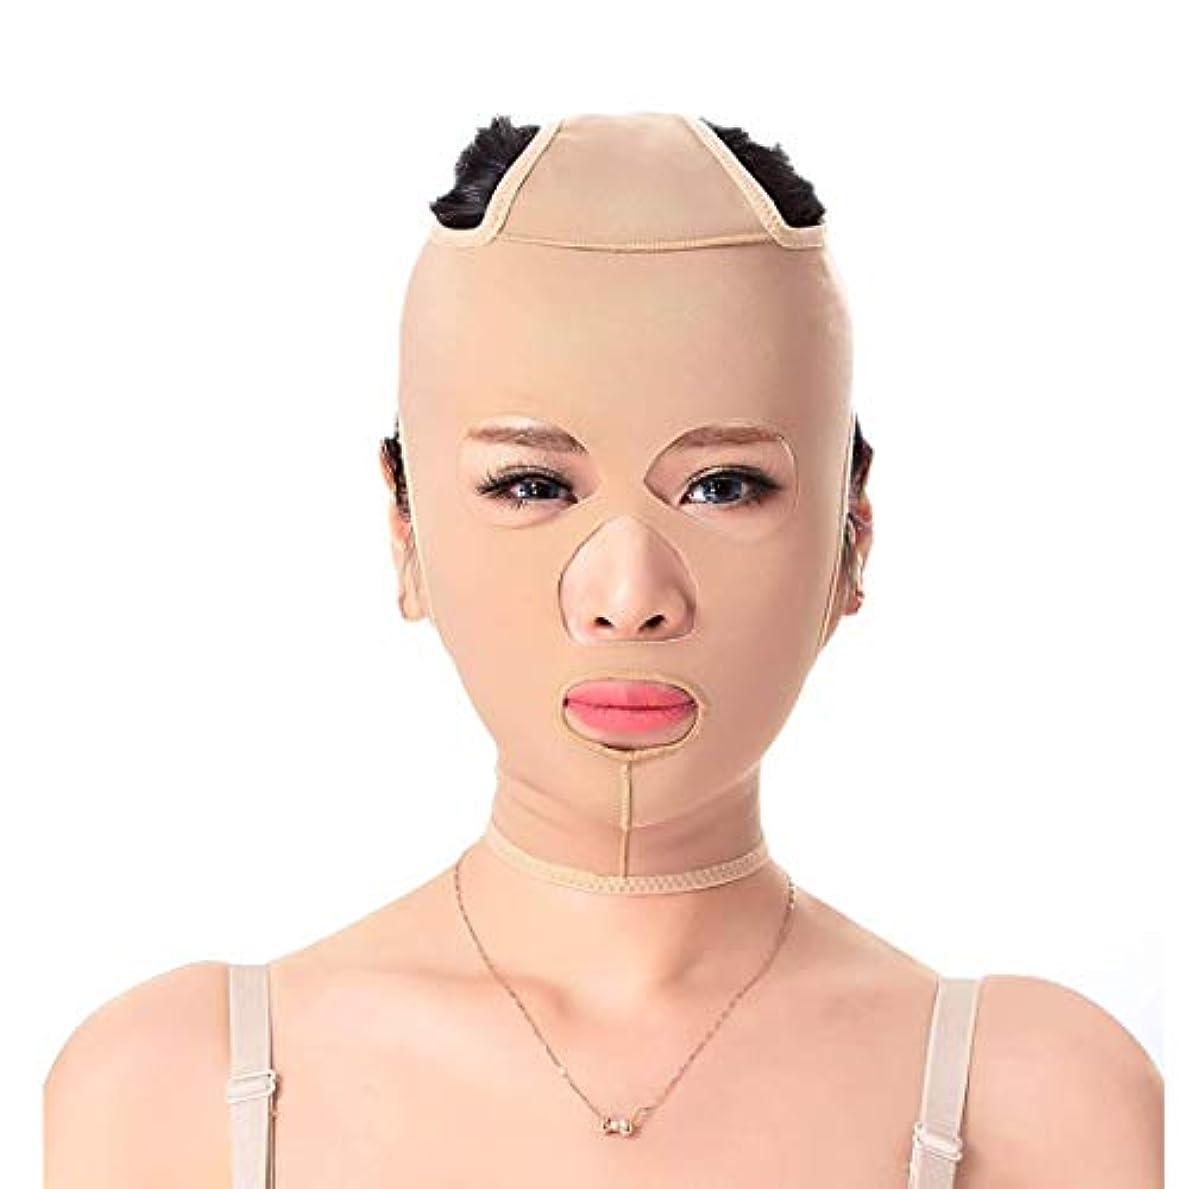 宿命ヘルシー節約するスリミングベルト、二重あごの引き締め顔面プラスチック顔アーティファクト強力な顔の包帯を脇に持ち上げるパターンを欺くためのフェイシャルマスク薄いフェイスマスク(サイズ:XXL),M